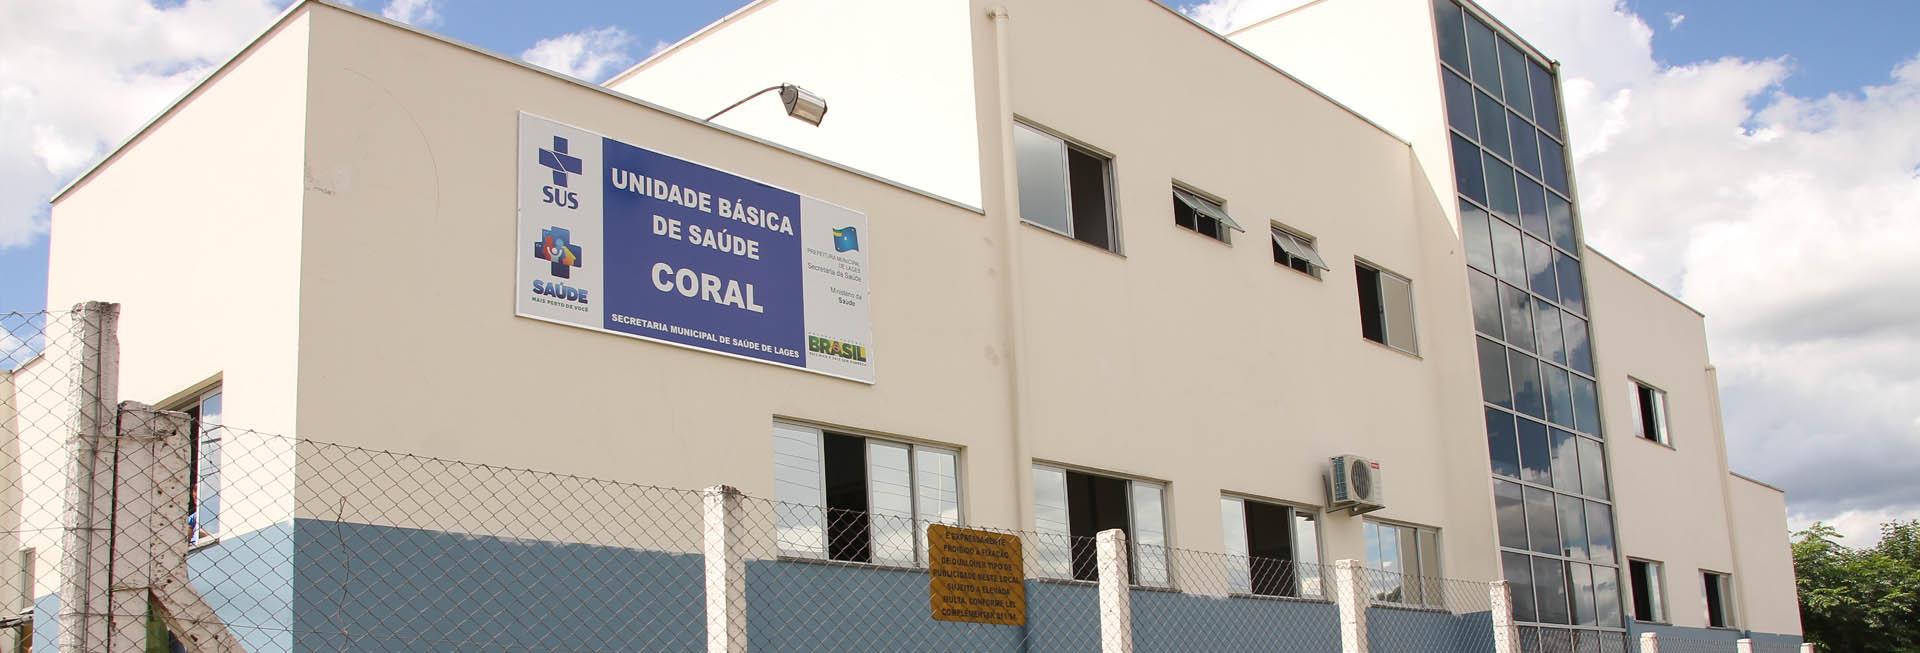 Unidade Básica de Saúde (Coral)